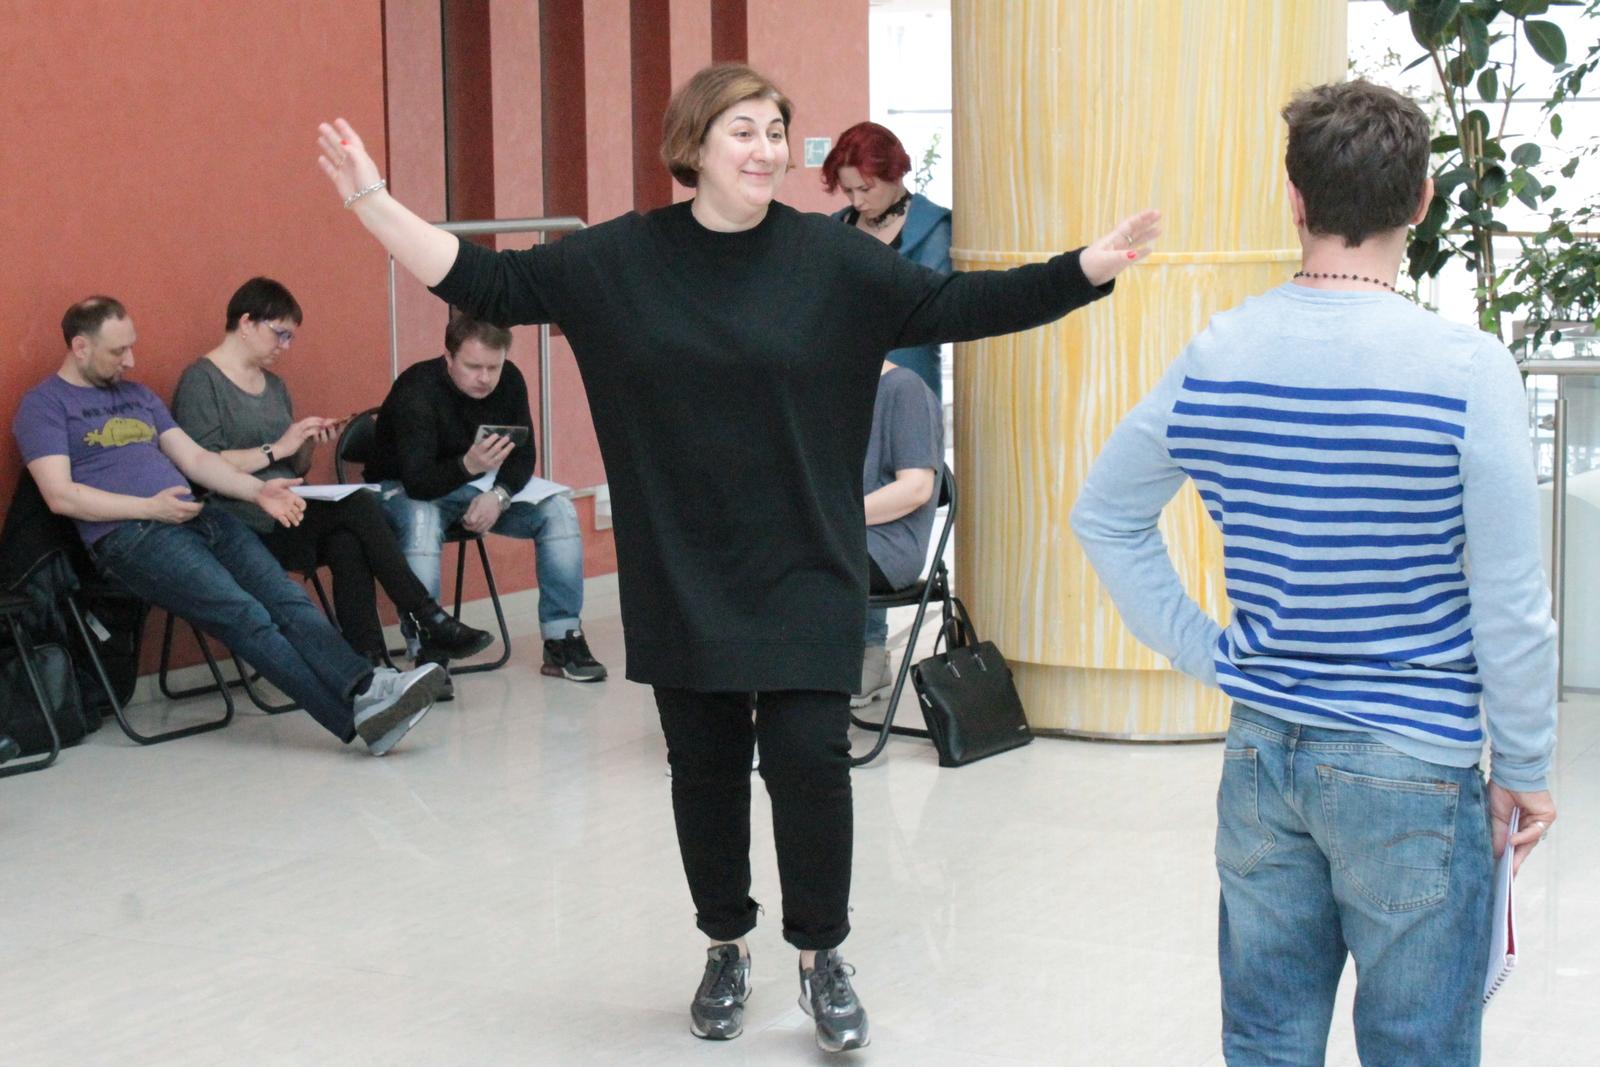 Нина Чусова и ее команда досконально изучает лексику пьесы, в которой много слов из украинского фольклора